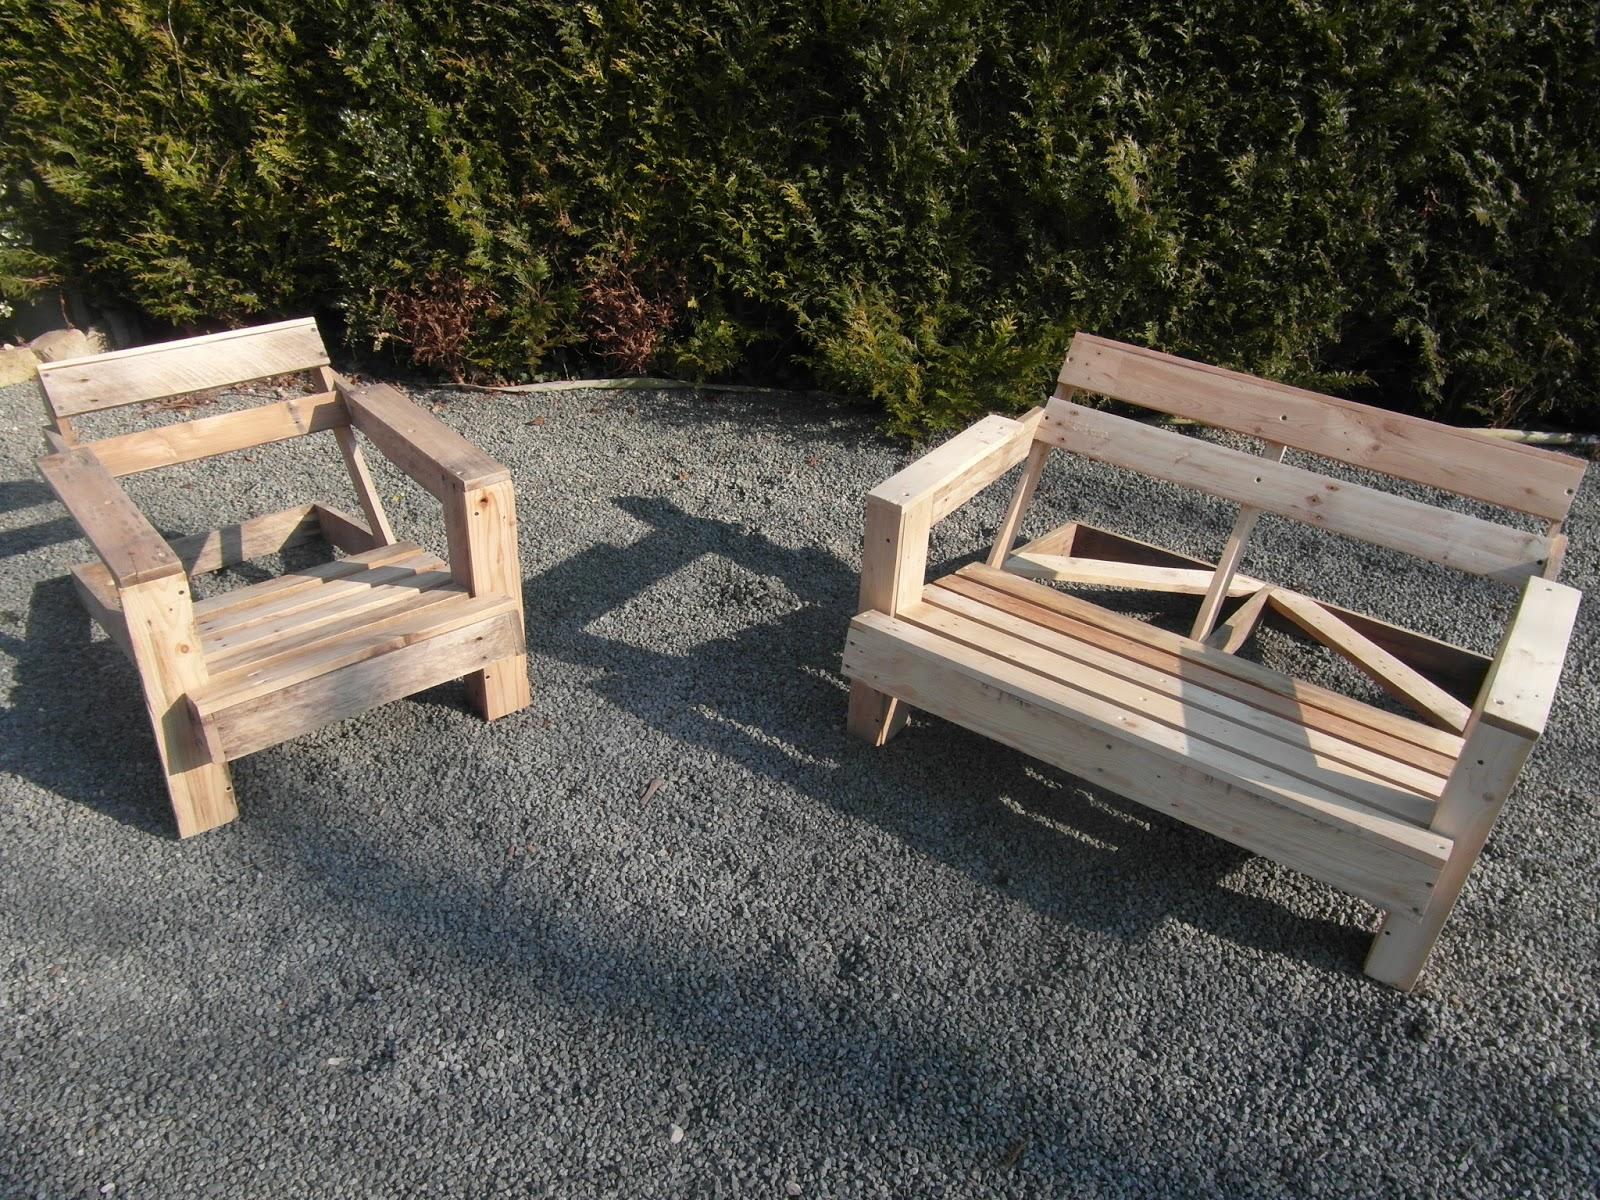 Petit salon de jardin bois des id es int ressantes pour la conception de des Salon de jardin bois cdiscount